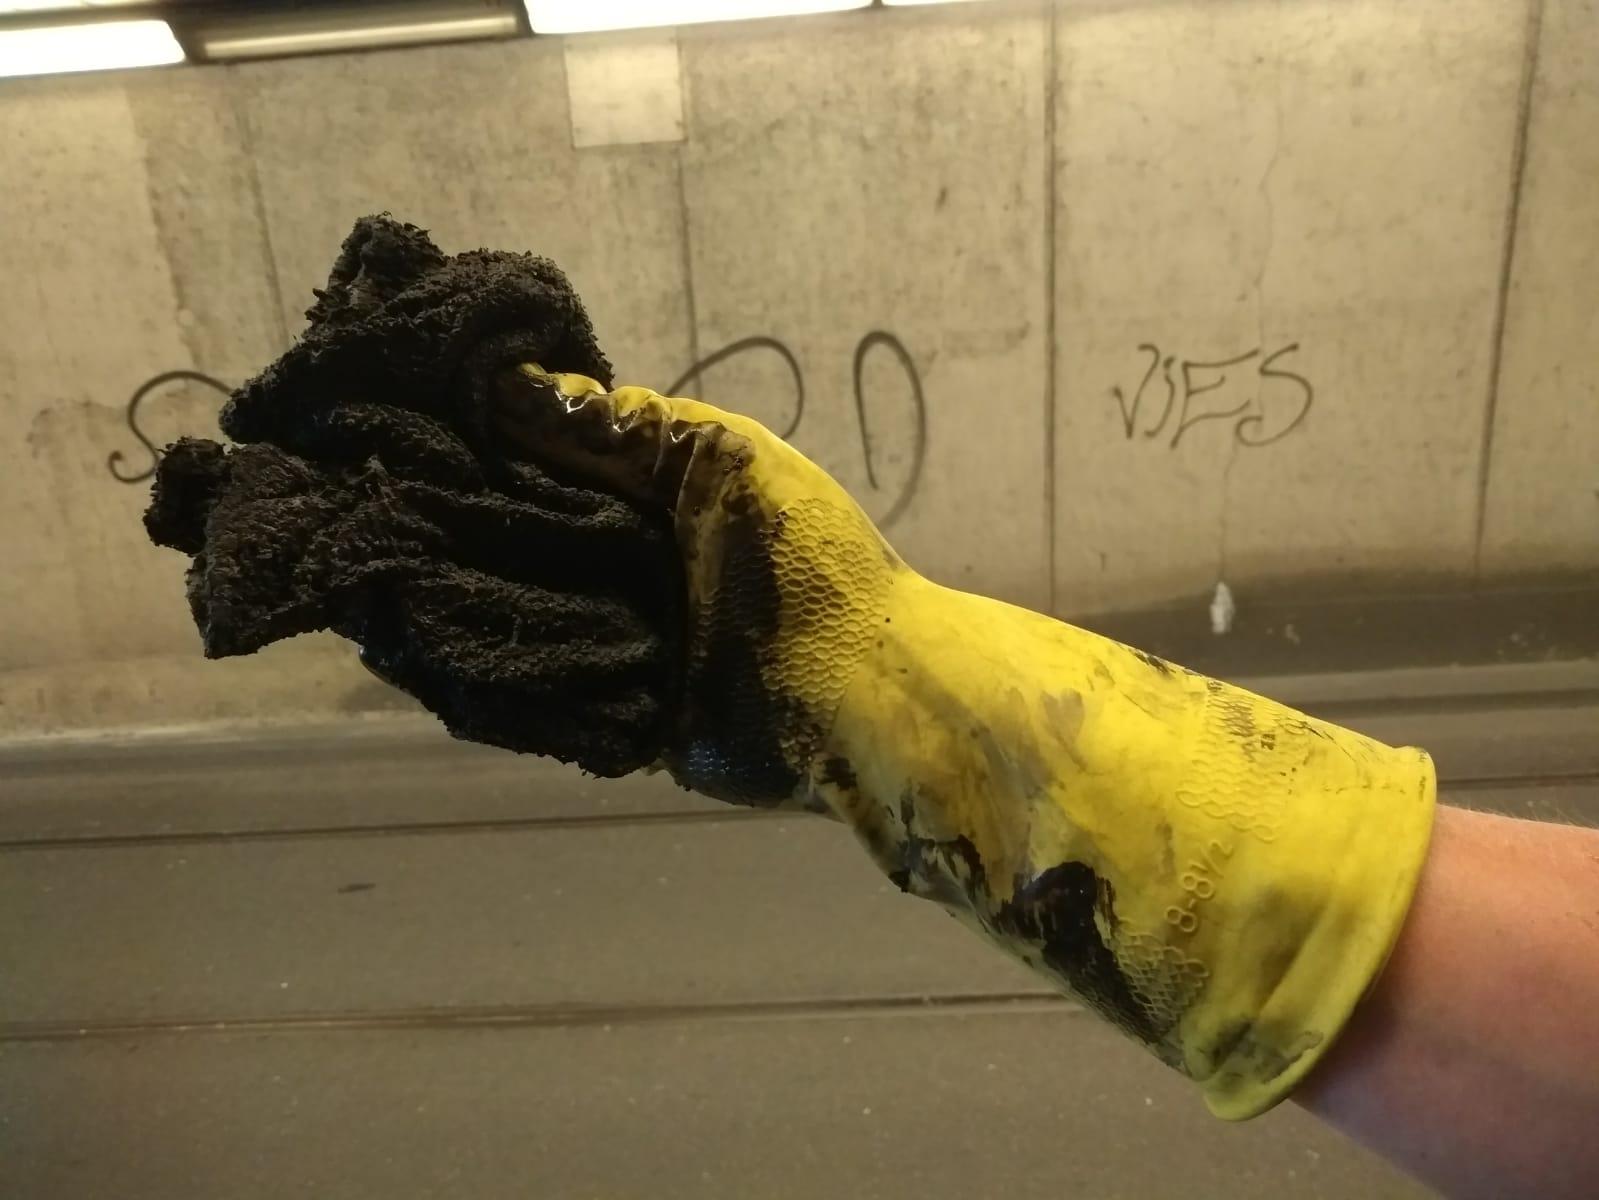 Fijnstof aan een handschoen